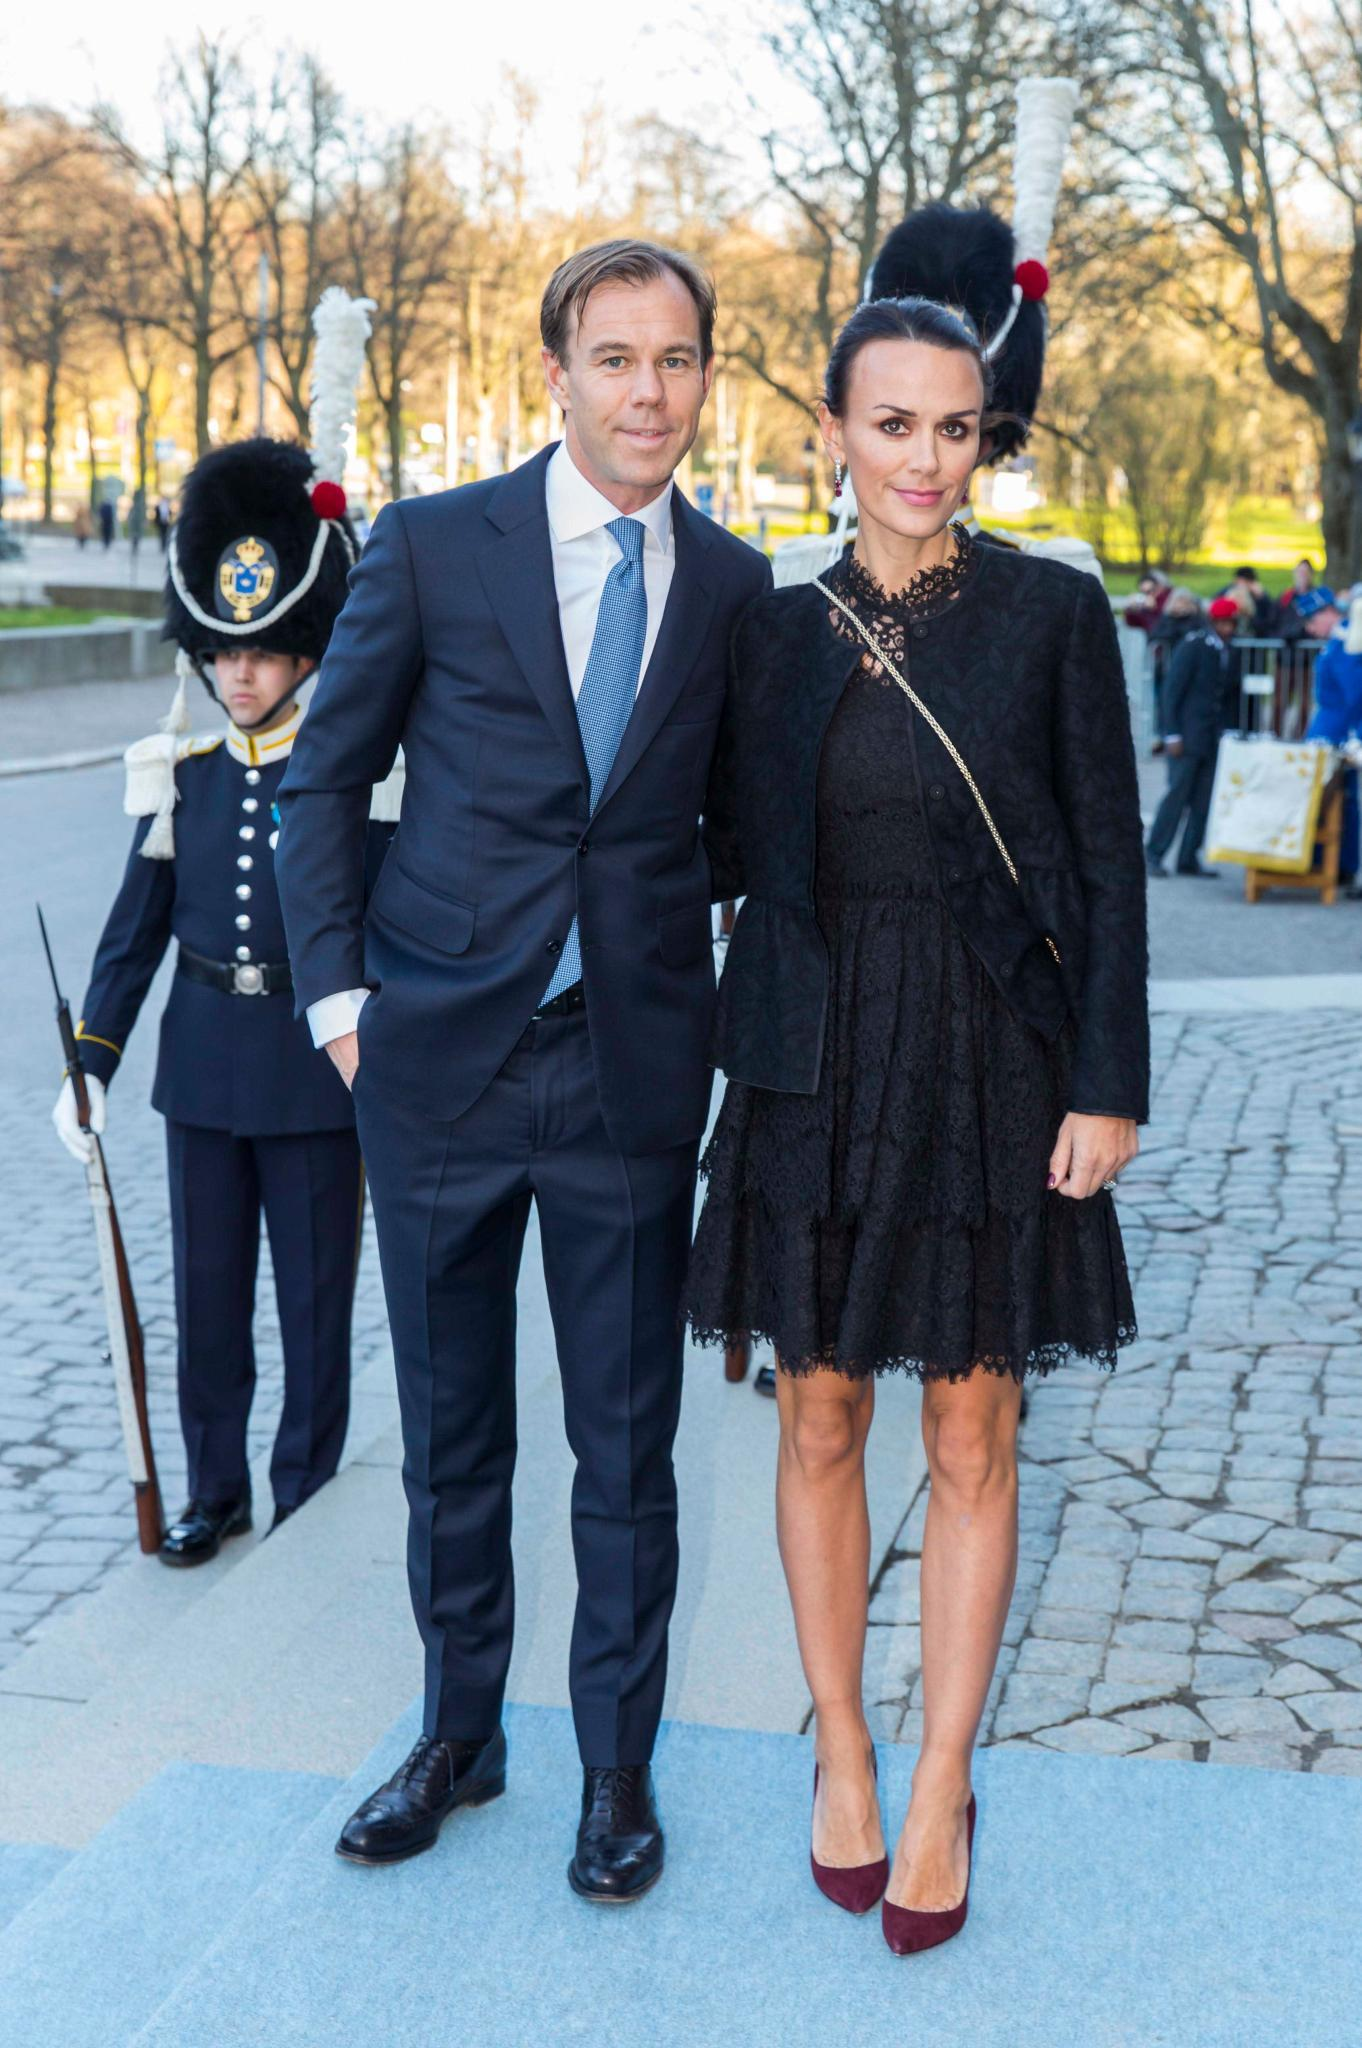 Leonie Persson gehört zu den engen Freunden von Prinzessin Victoria. Verheiratet ist sie mit H&M-Chef Karl Johan Persson.